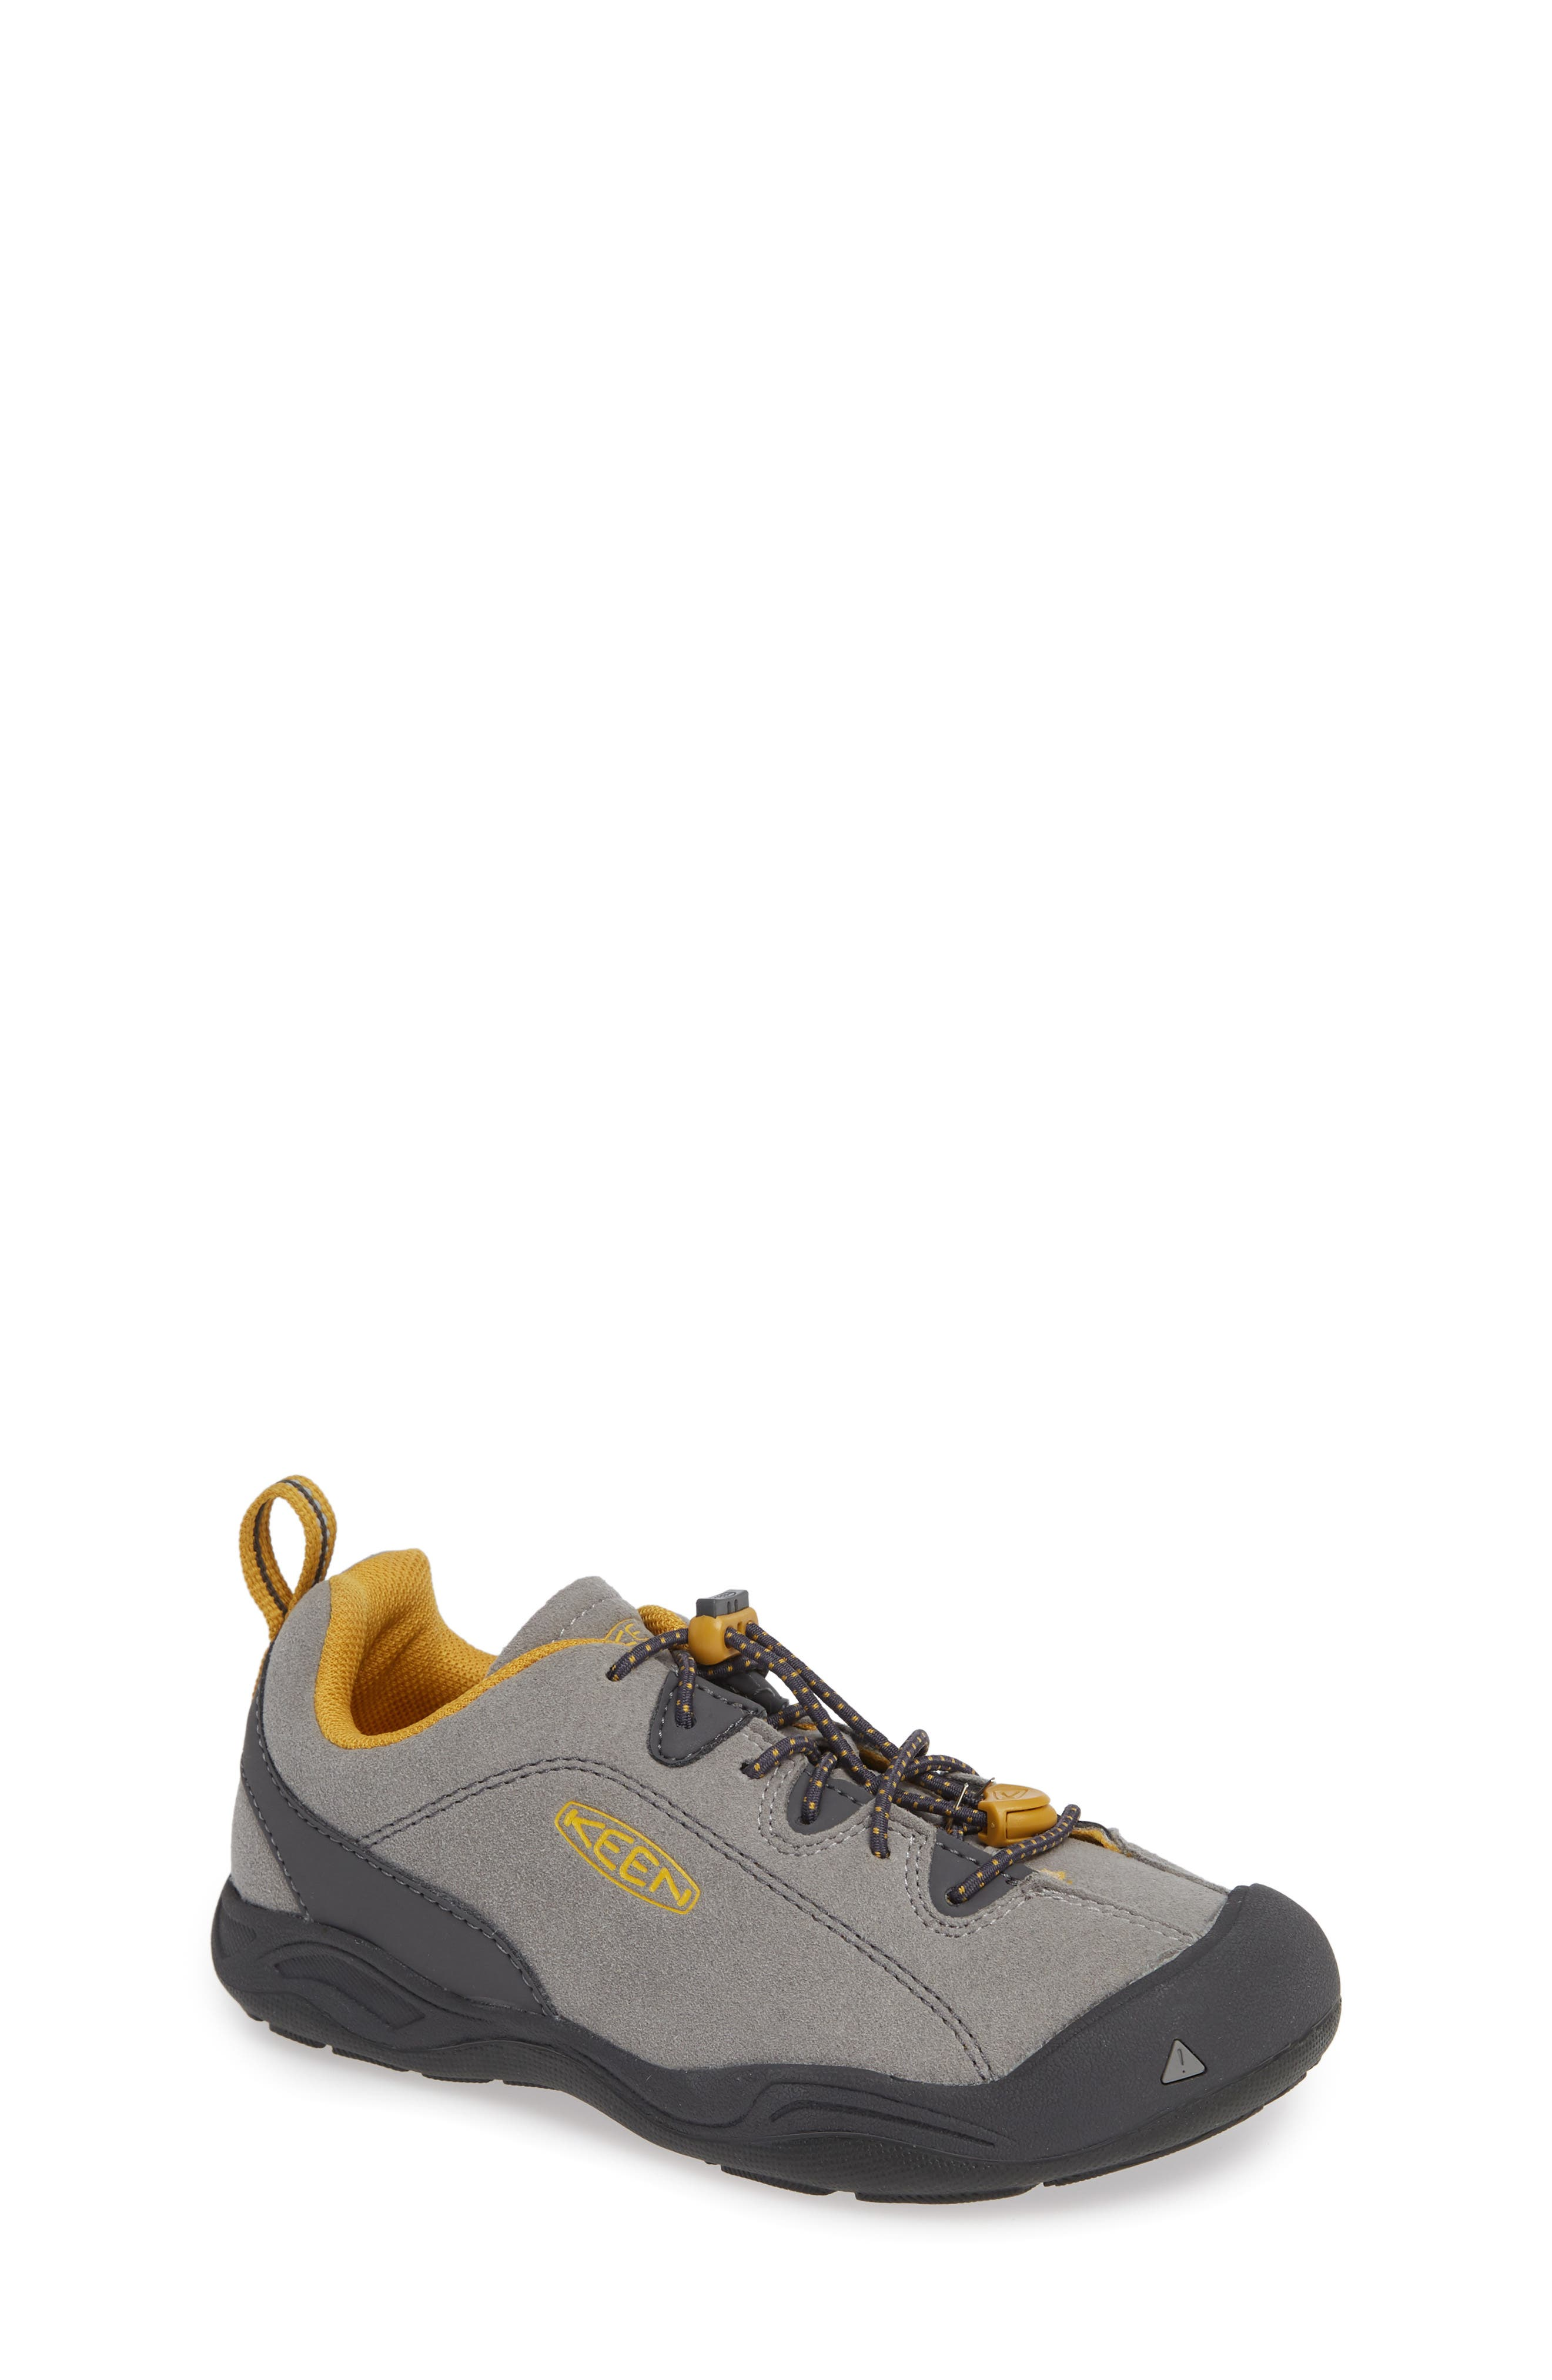 Jasper Sneaker,                         Main,                         color, GREY/ ARROWWOOD